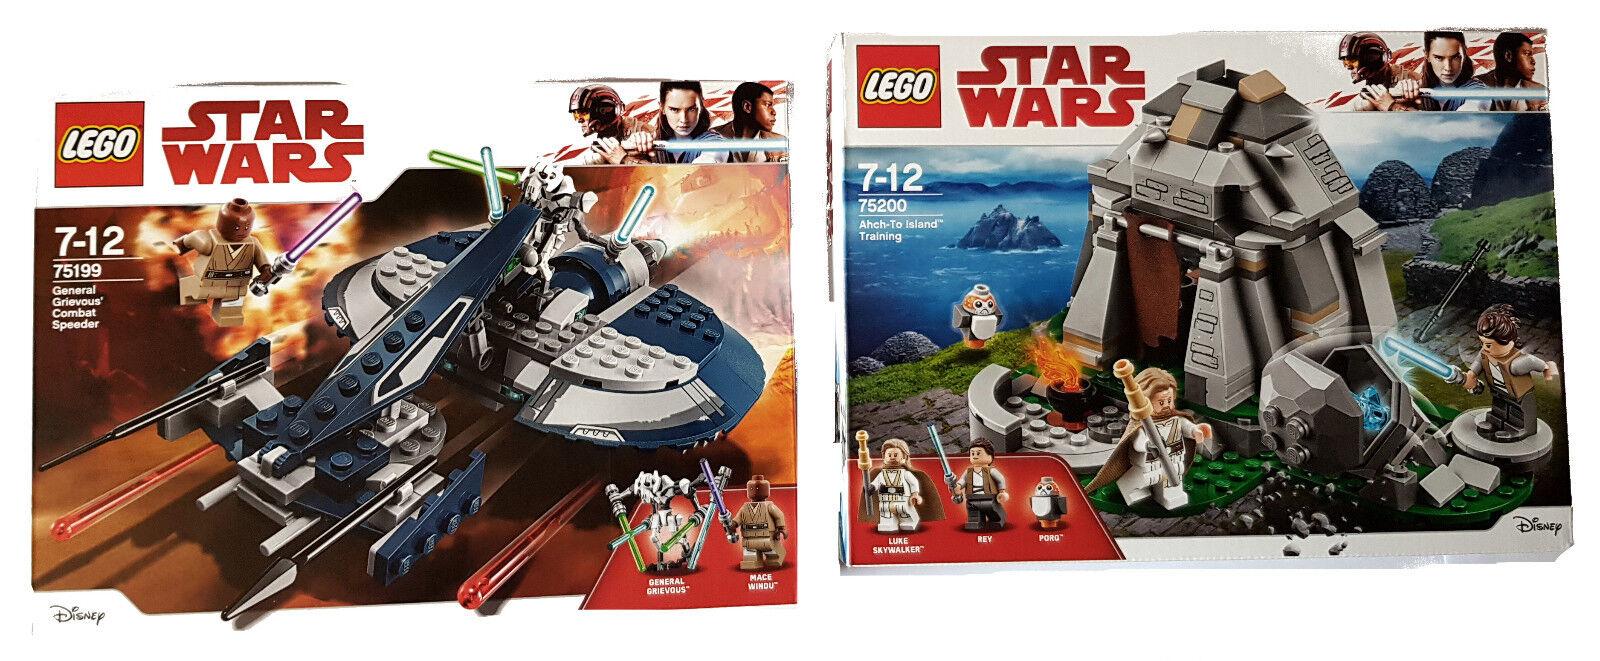 Training Lego G Ahch Combat To Star Grievous 75199 Wars 75200 Island Jcu31TlKF